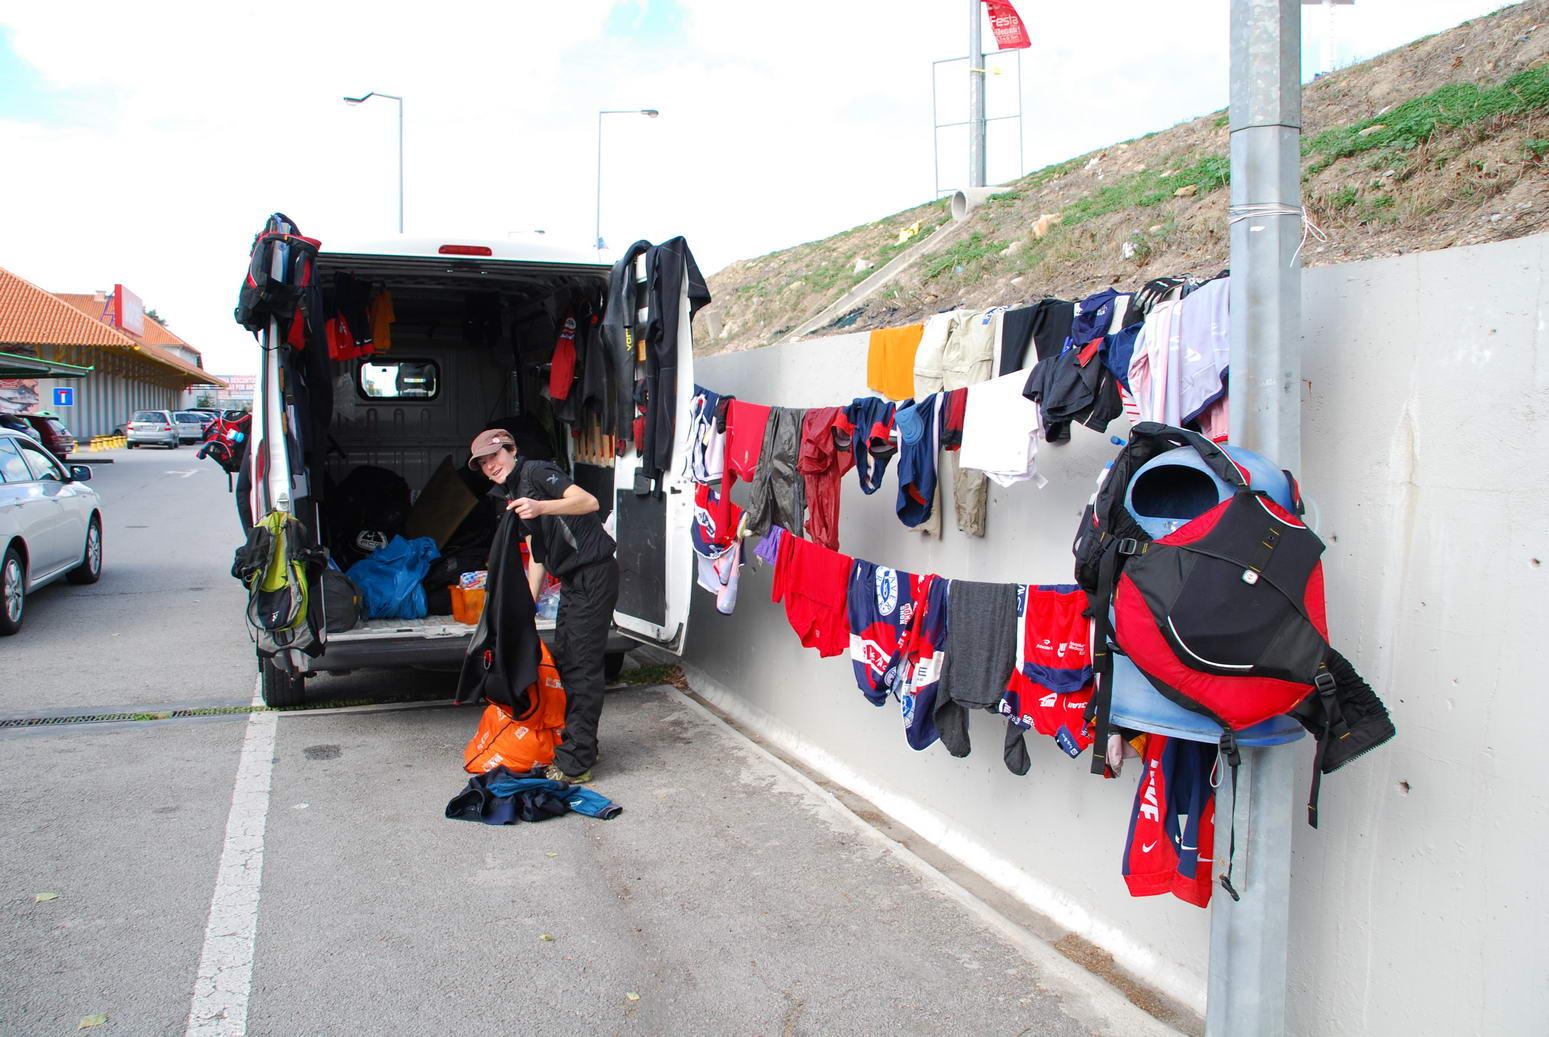 Drying gear (Portugal ARWC 2009)